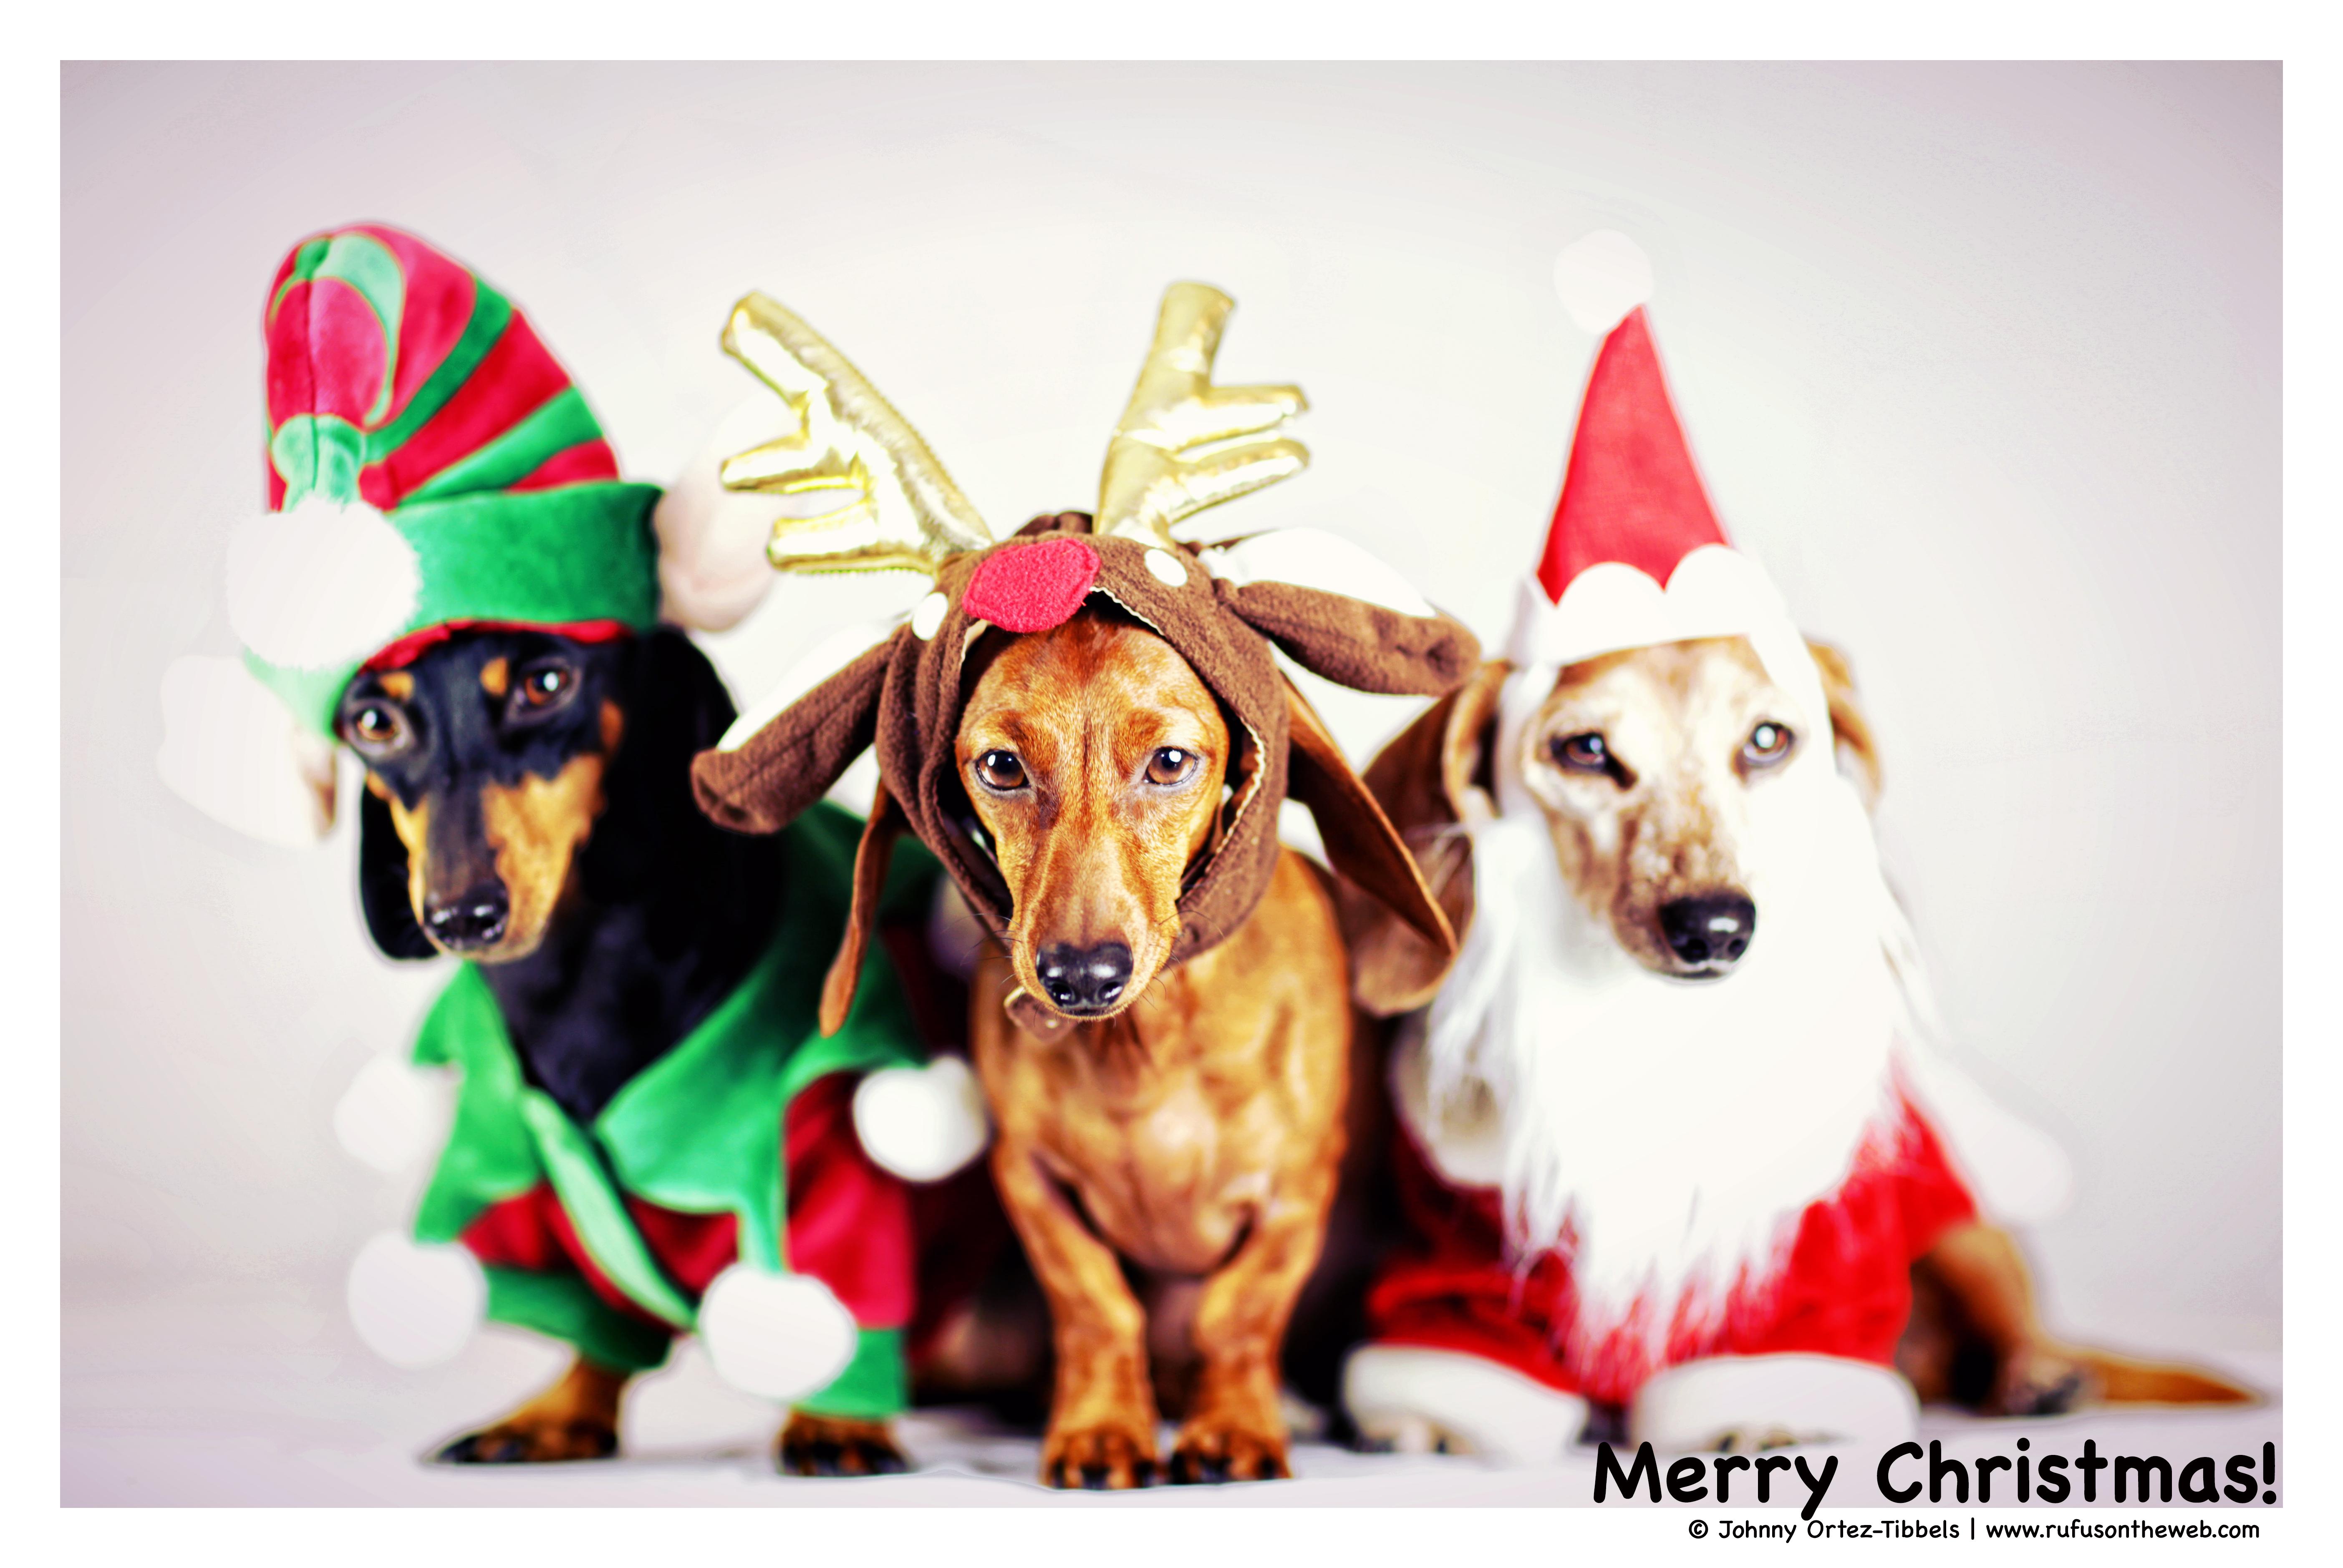 Merry Christmas 2014 | rufusontheweb